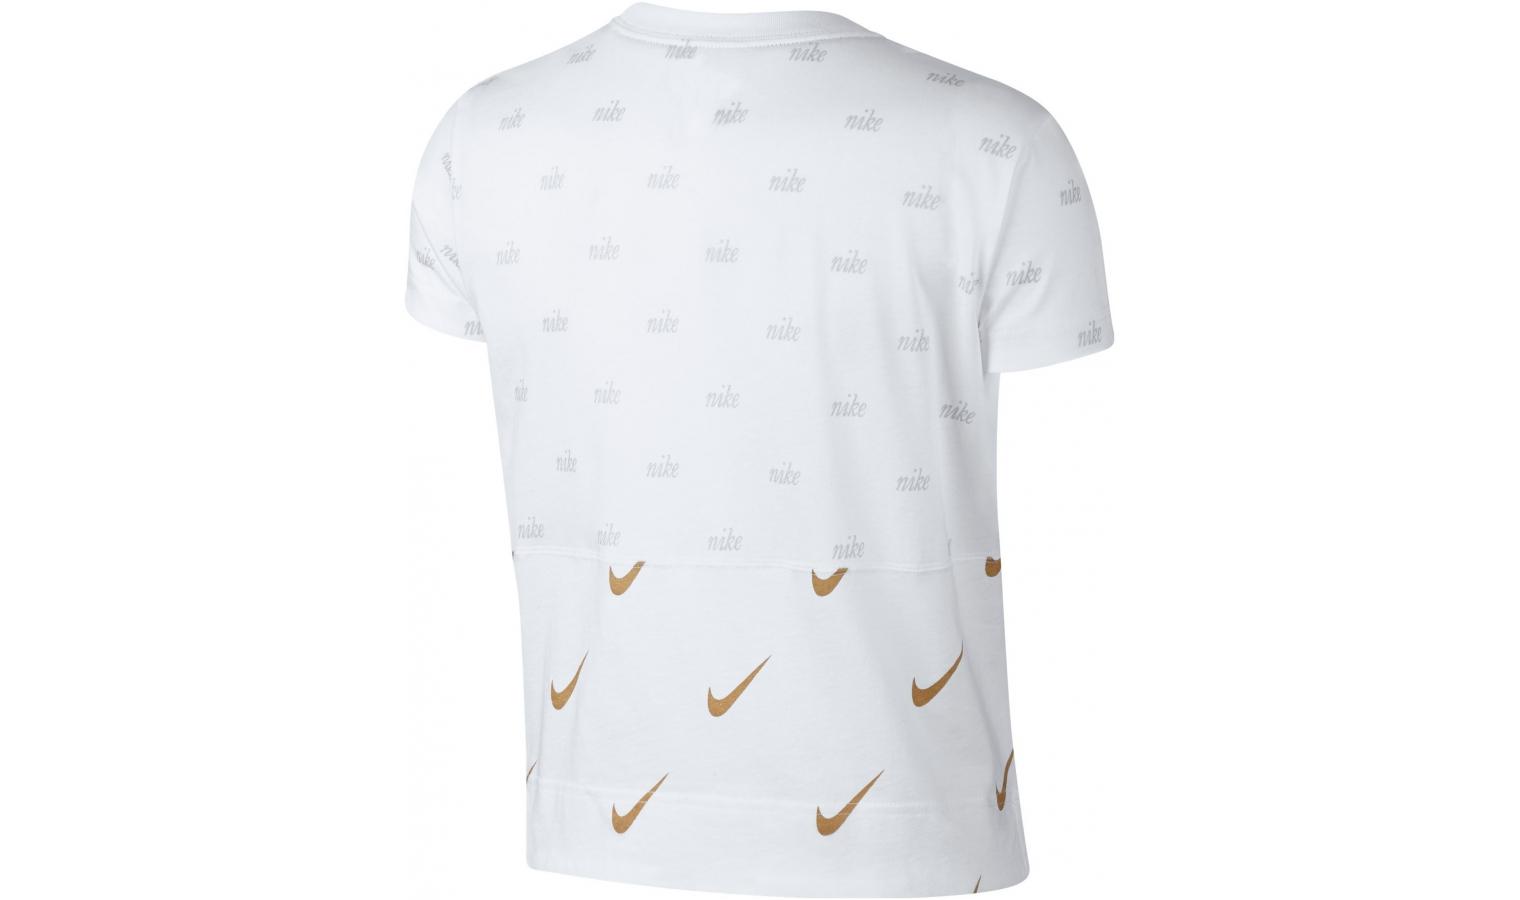 08acca105015 ... Dámske tričko Nike W NSW TOP SS METALLIC W biele. Zľava